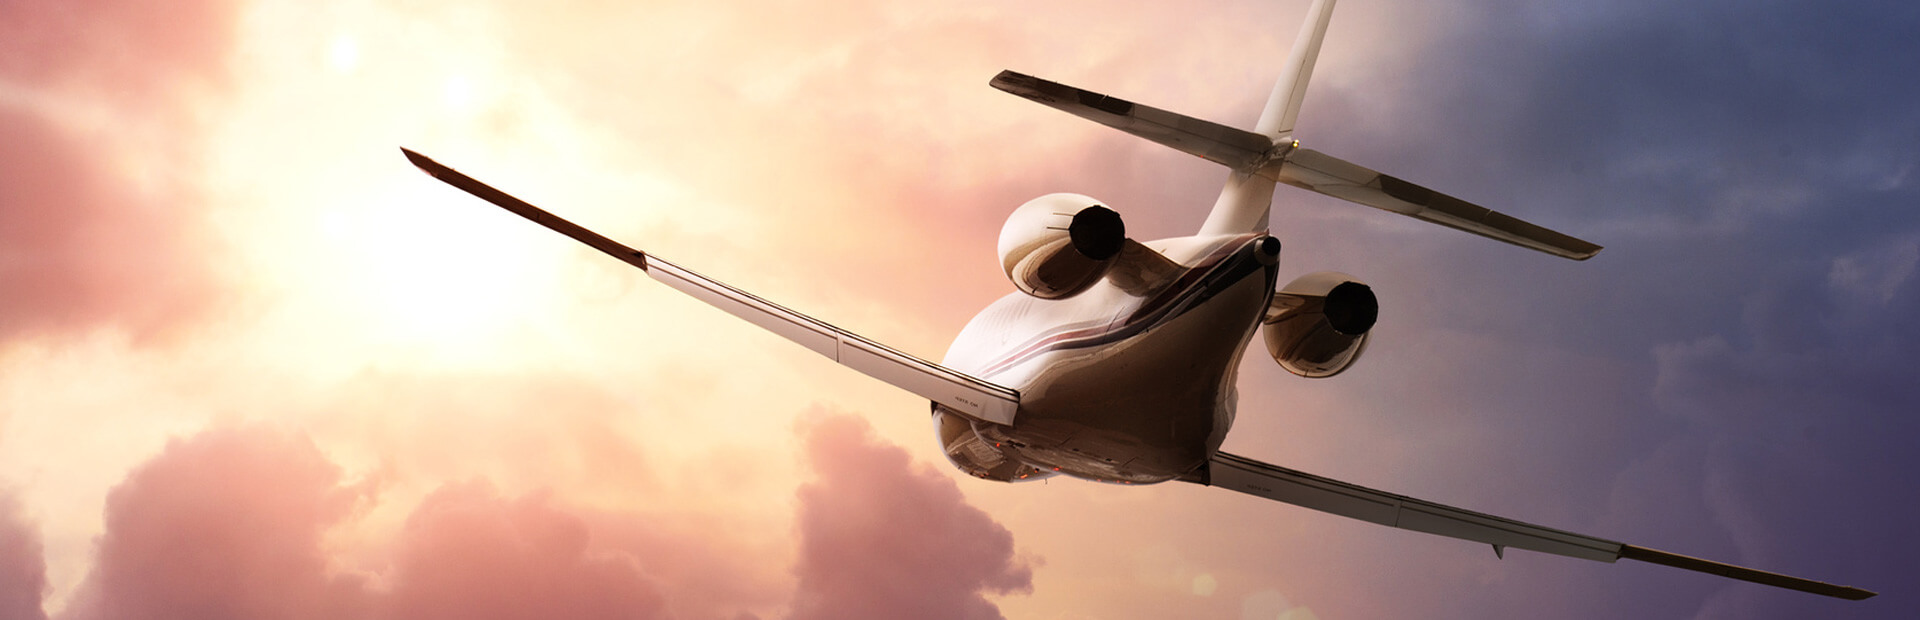 Private Charter Plane Service